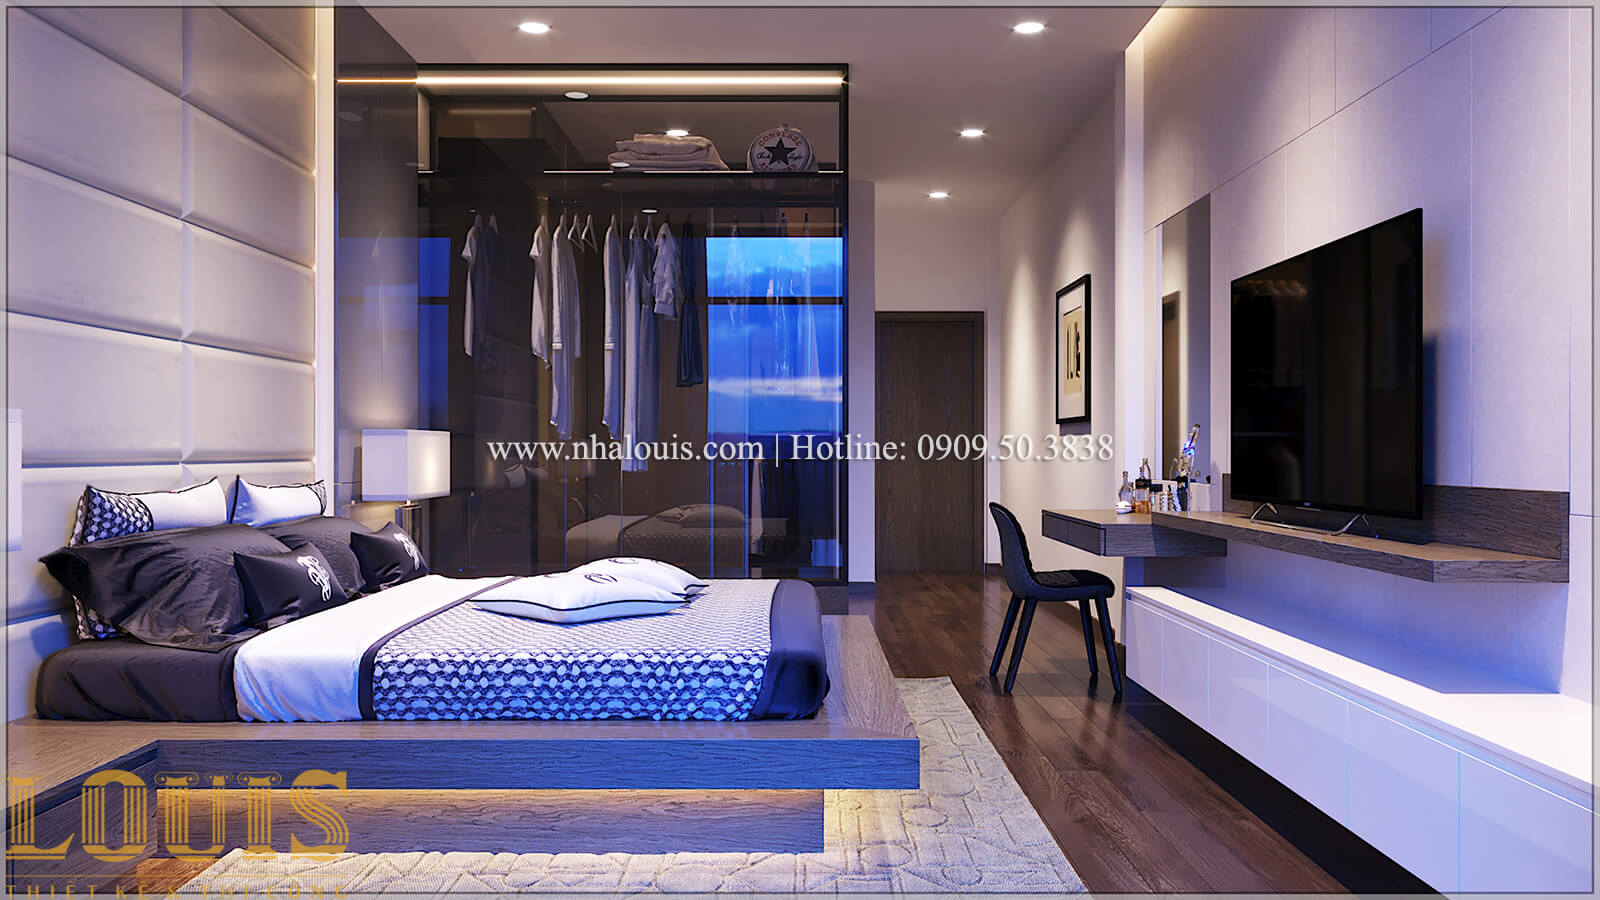 Phòng ngủ Thiết kế nhà ống 3 tầng mặt tiền 5m đầy đủ tiện nghi tại Bến Tre